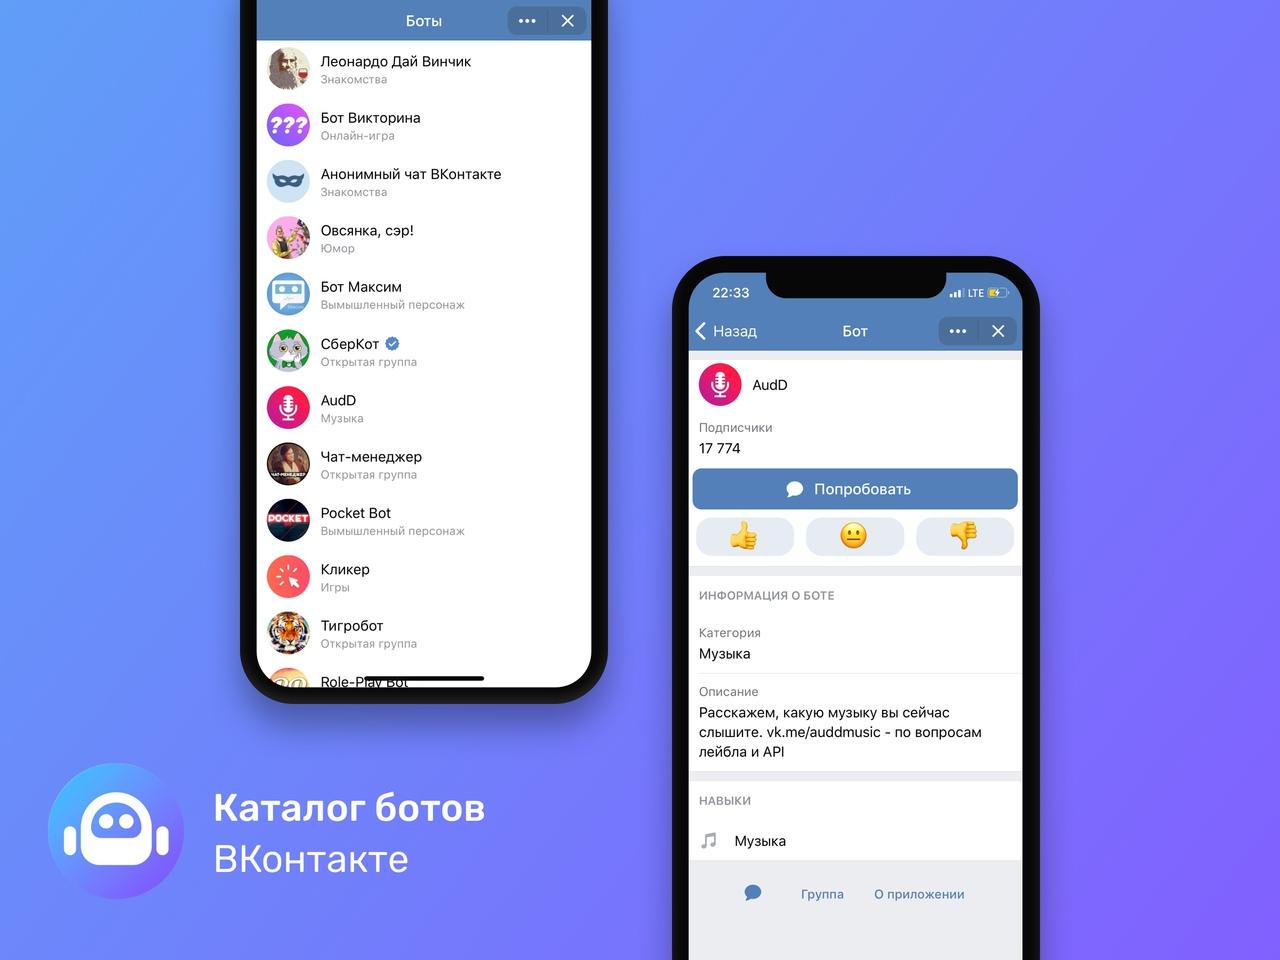 Каталог ботов | ВКонтакте